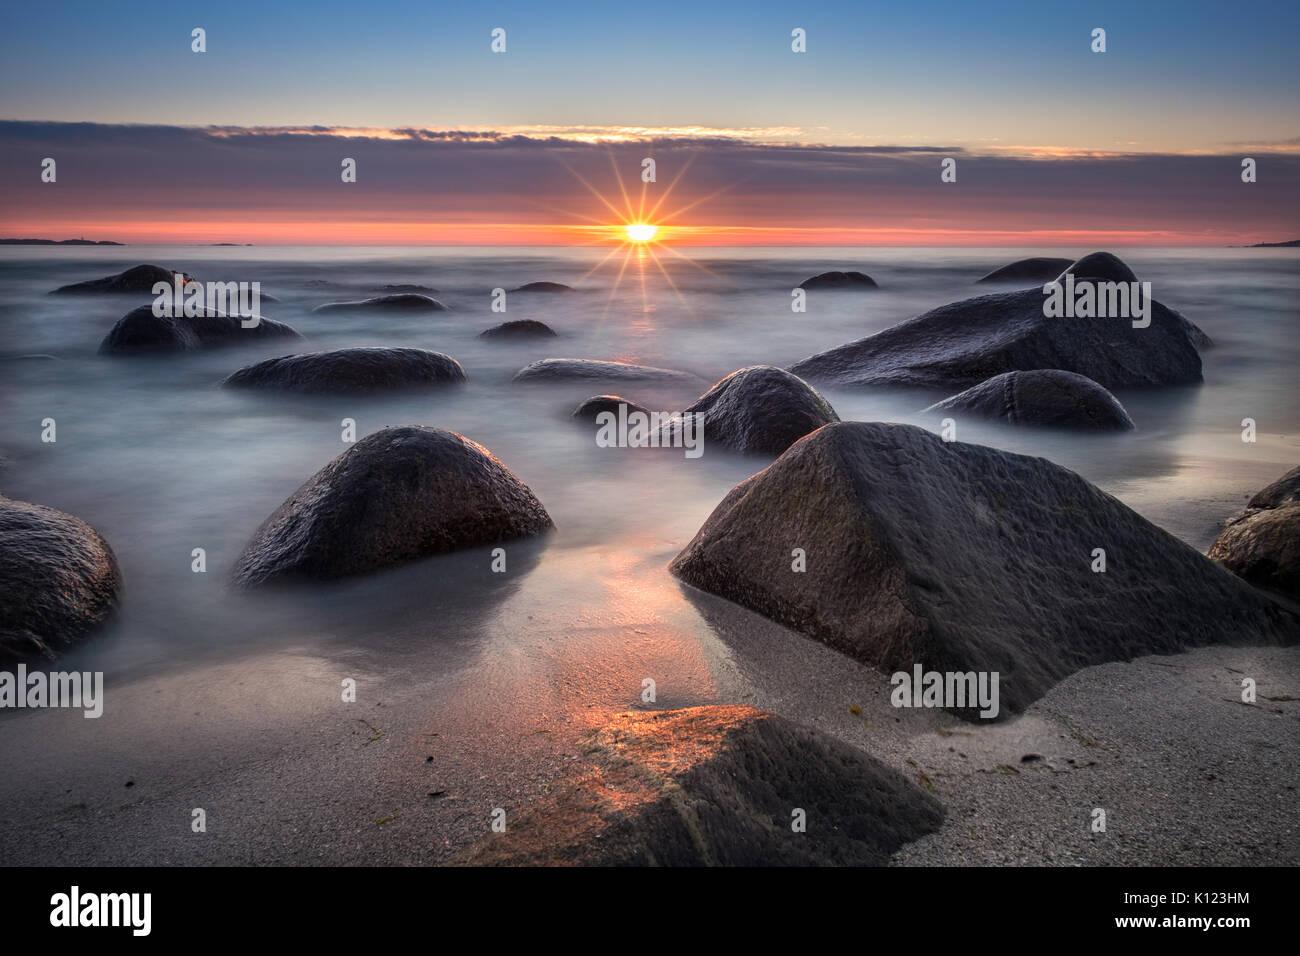 Vista panoramica dalla spiaggia con pietre e tramonto a notte estiva in Lofoten, Norvegia Immagini Stock